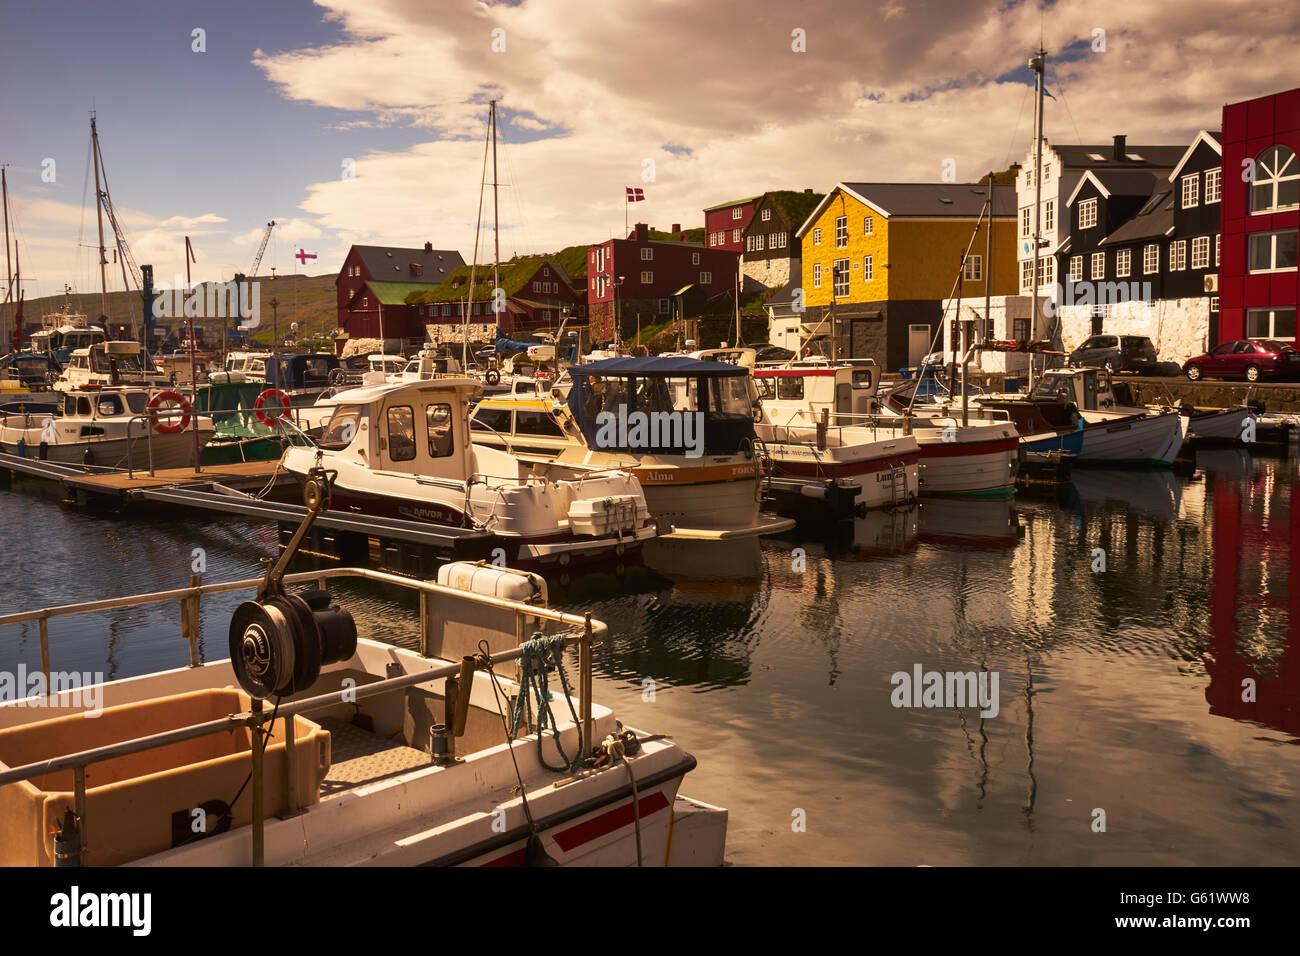 Hafen von Thorshavn, Faroer Inseln Stockfoto